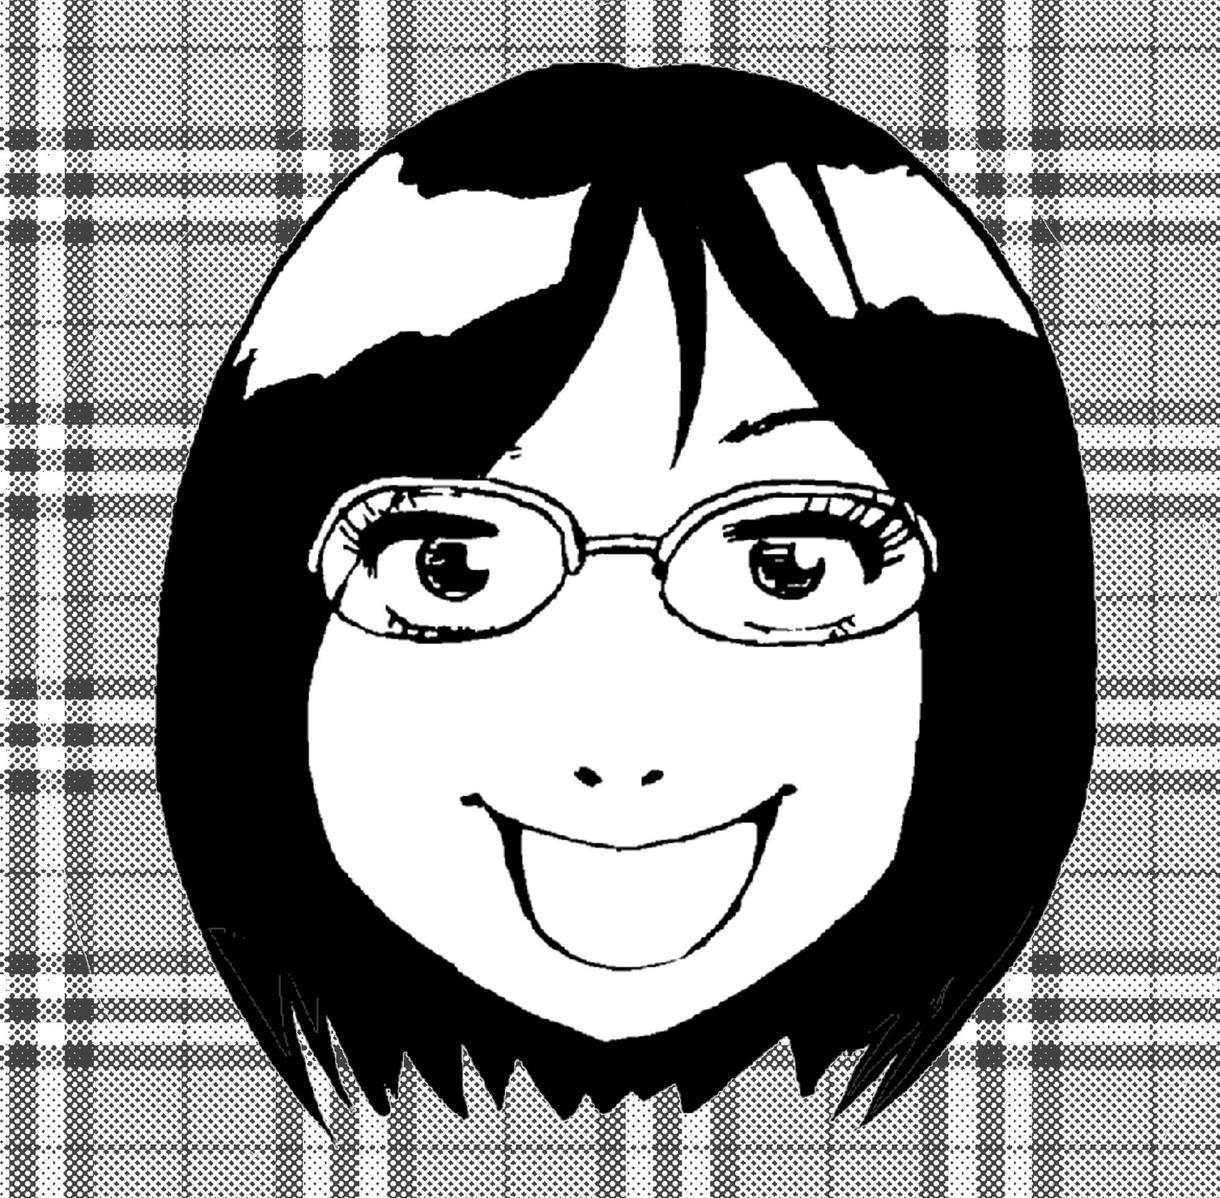 漫画絵のツイッターやブログのアイコン描きます!